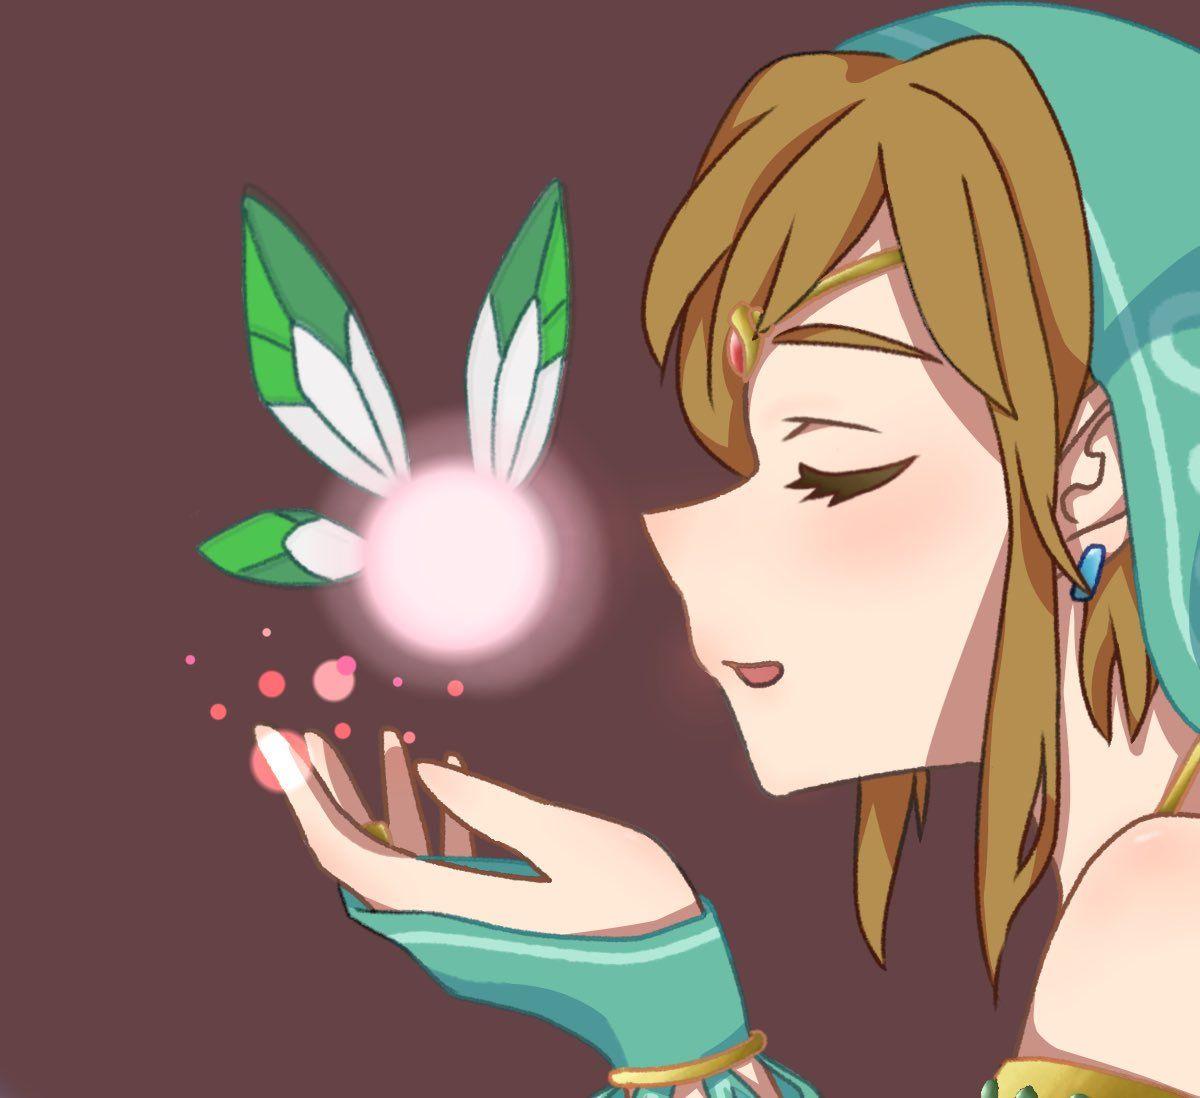 Pin By Xuan On Link W Legend Of Zelda Zelda